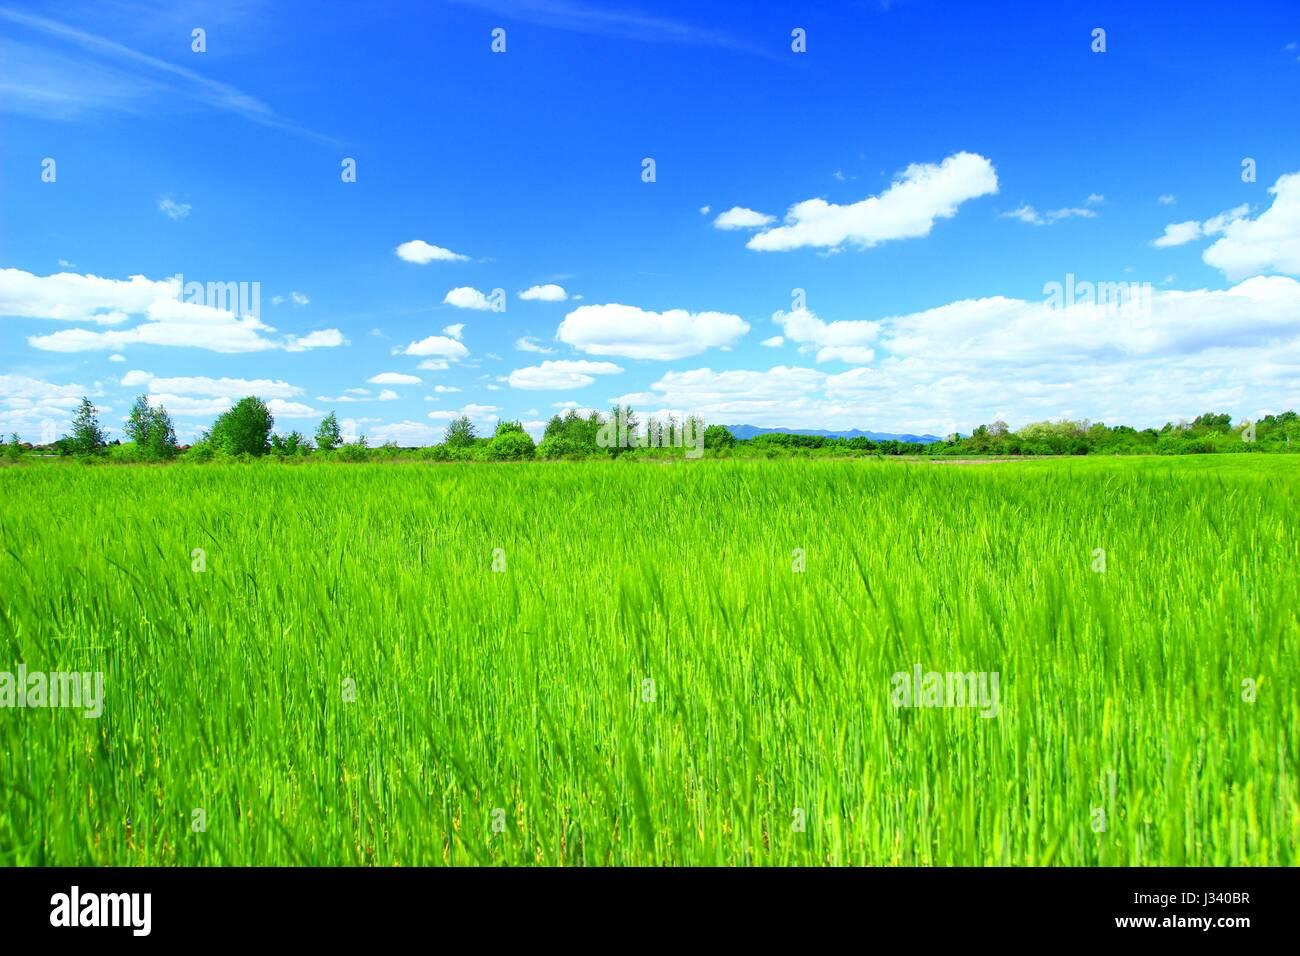 Lo sfondo del paesaggio verde con campo di grano e il cielo blu con alcune nuvole Immagini Stock